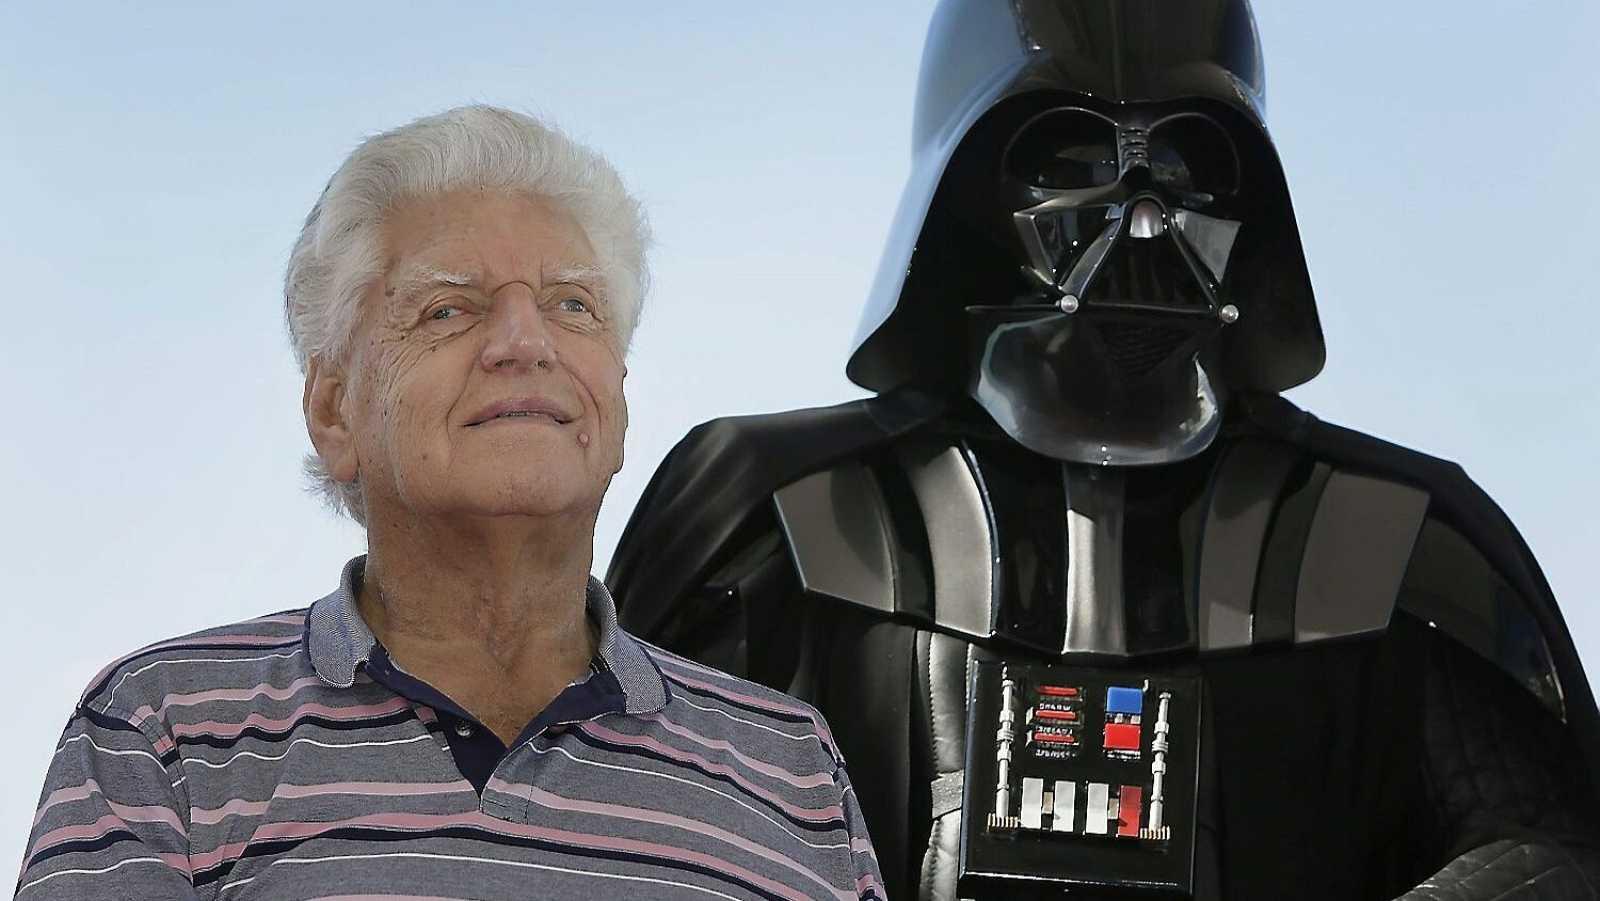 ¡Que la fuerza lo acompañe! Muere Dave Prowse, el legendario Darth Vader